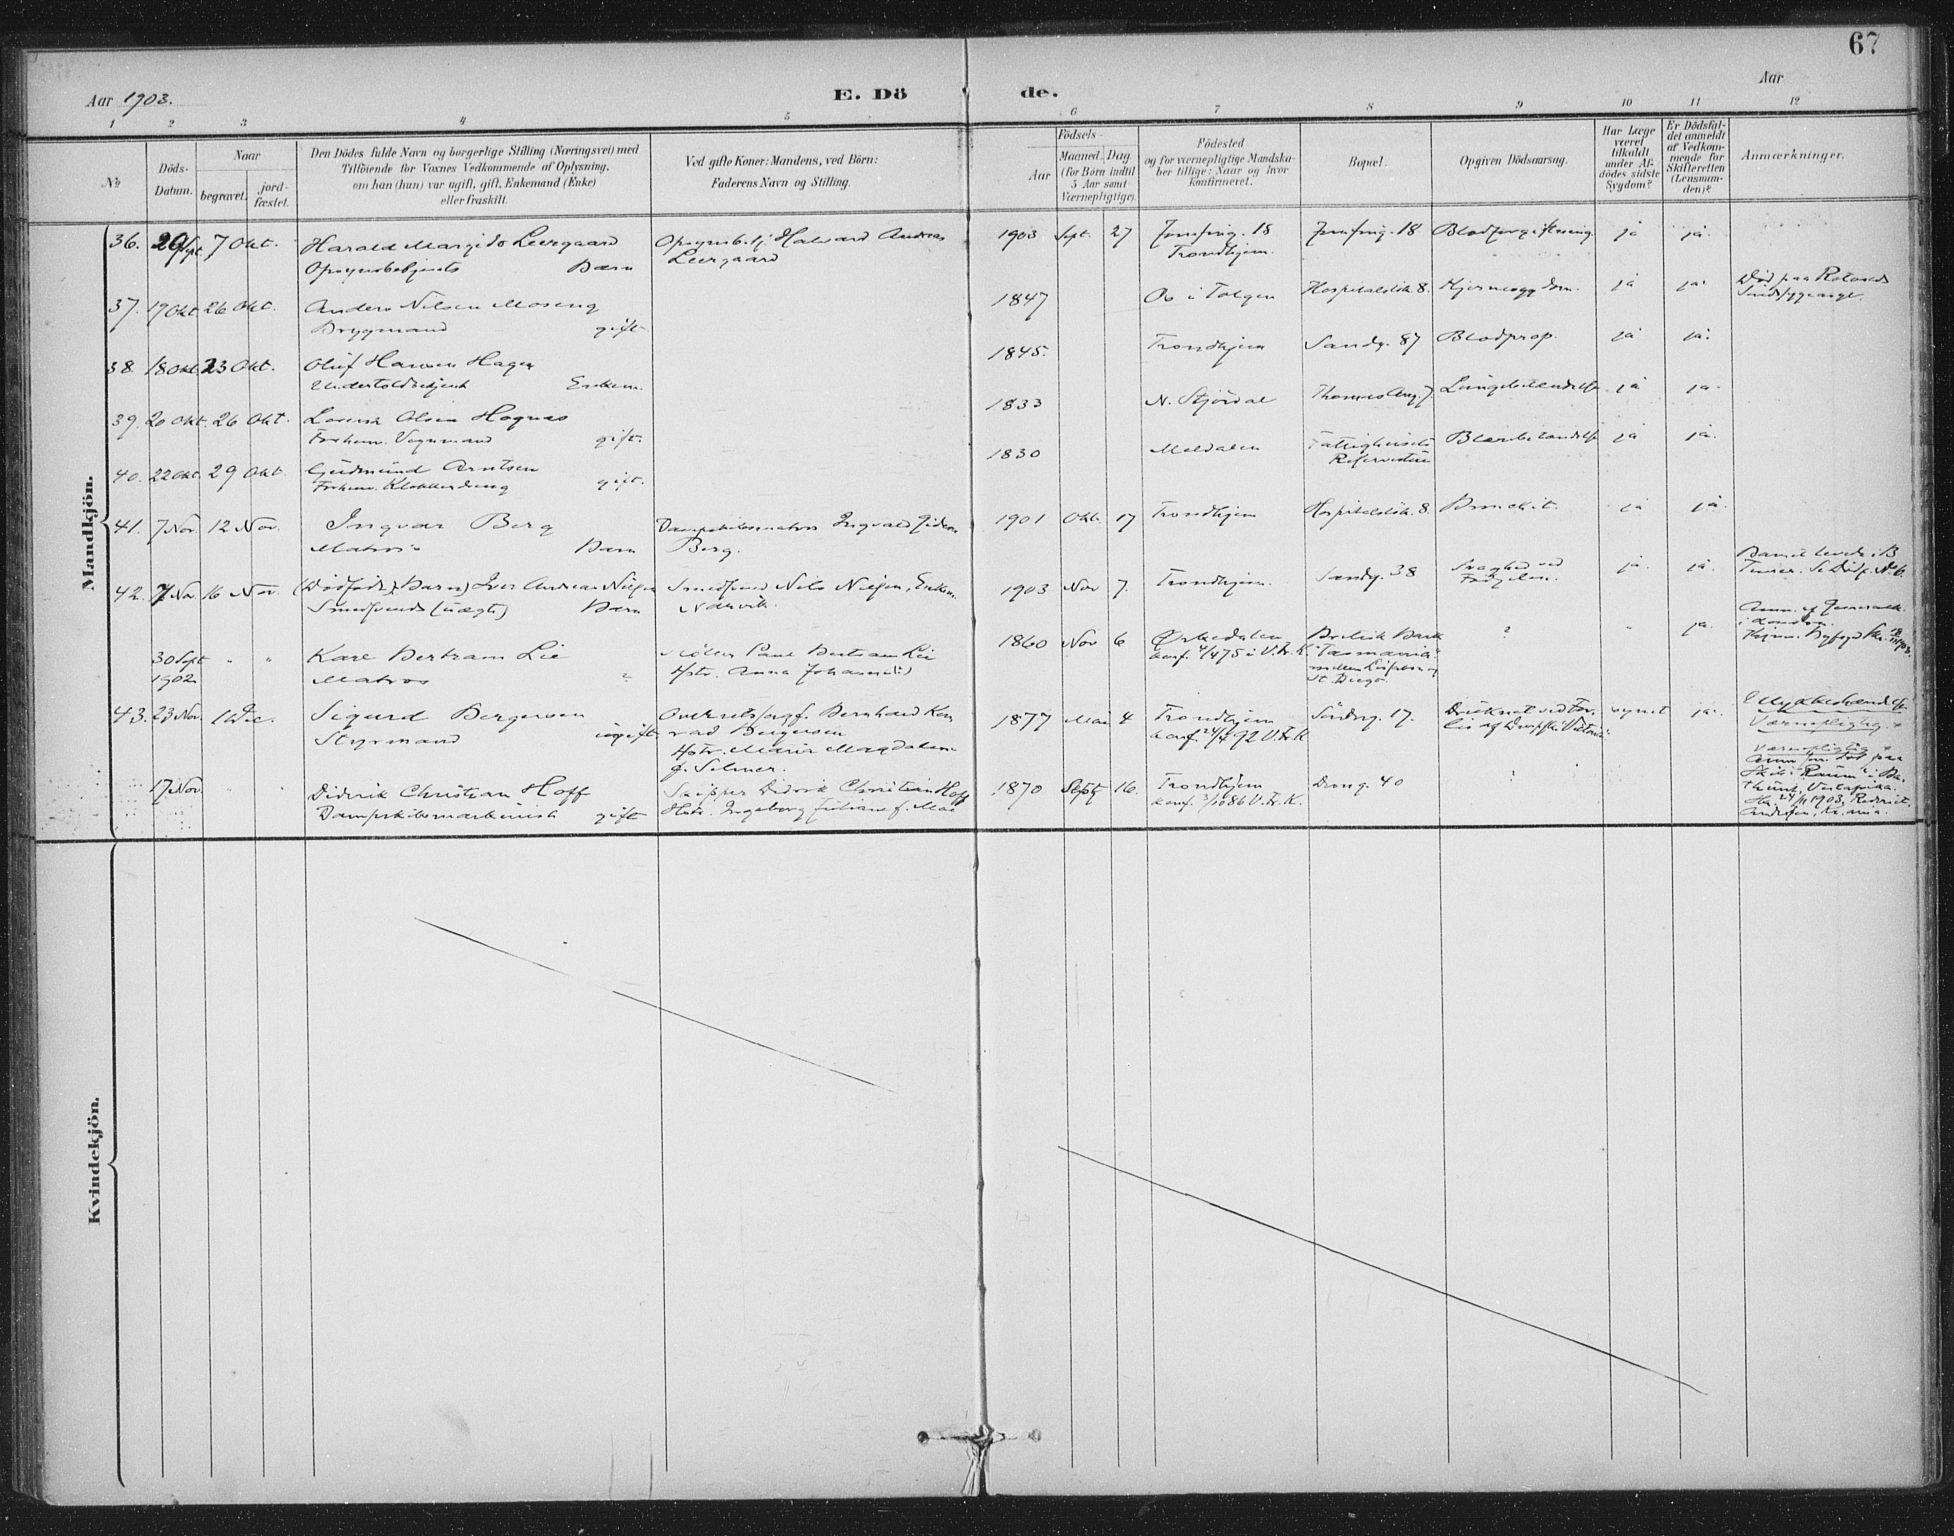 SAT, Ministerialprotokoller, klokkerbøker og fødselsregistre - Sør-Trøndelag, 602/L0123: Ministerialbok nr. 602A21, 1895-1910, s. 67